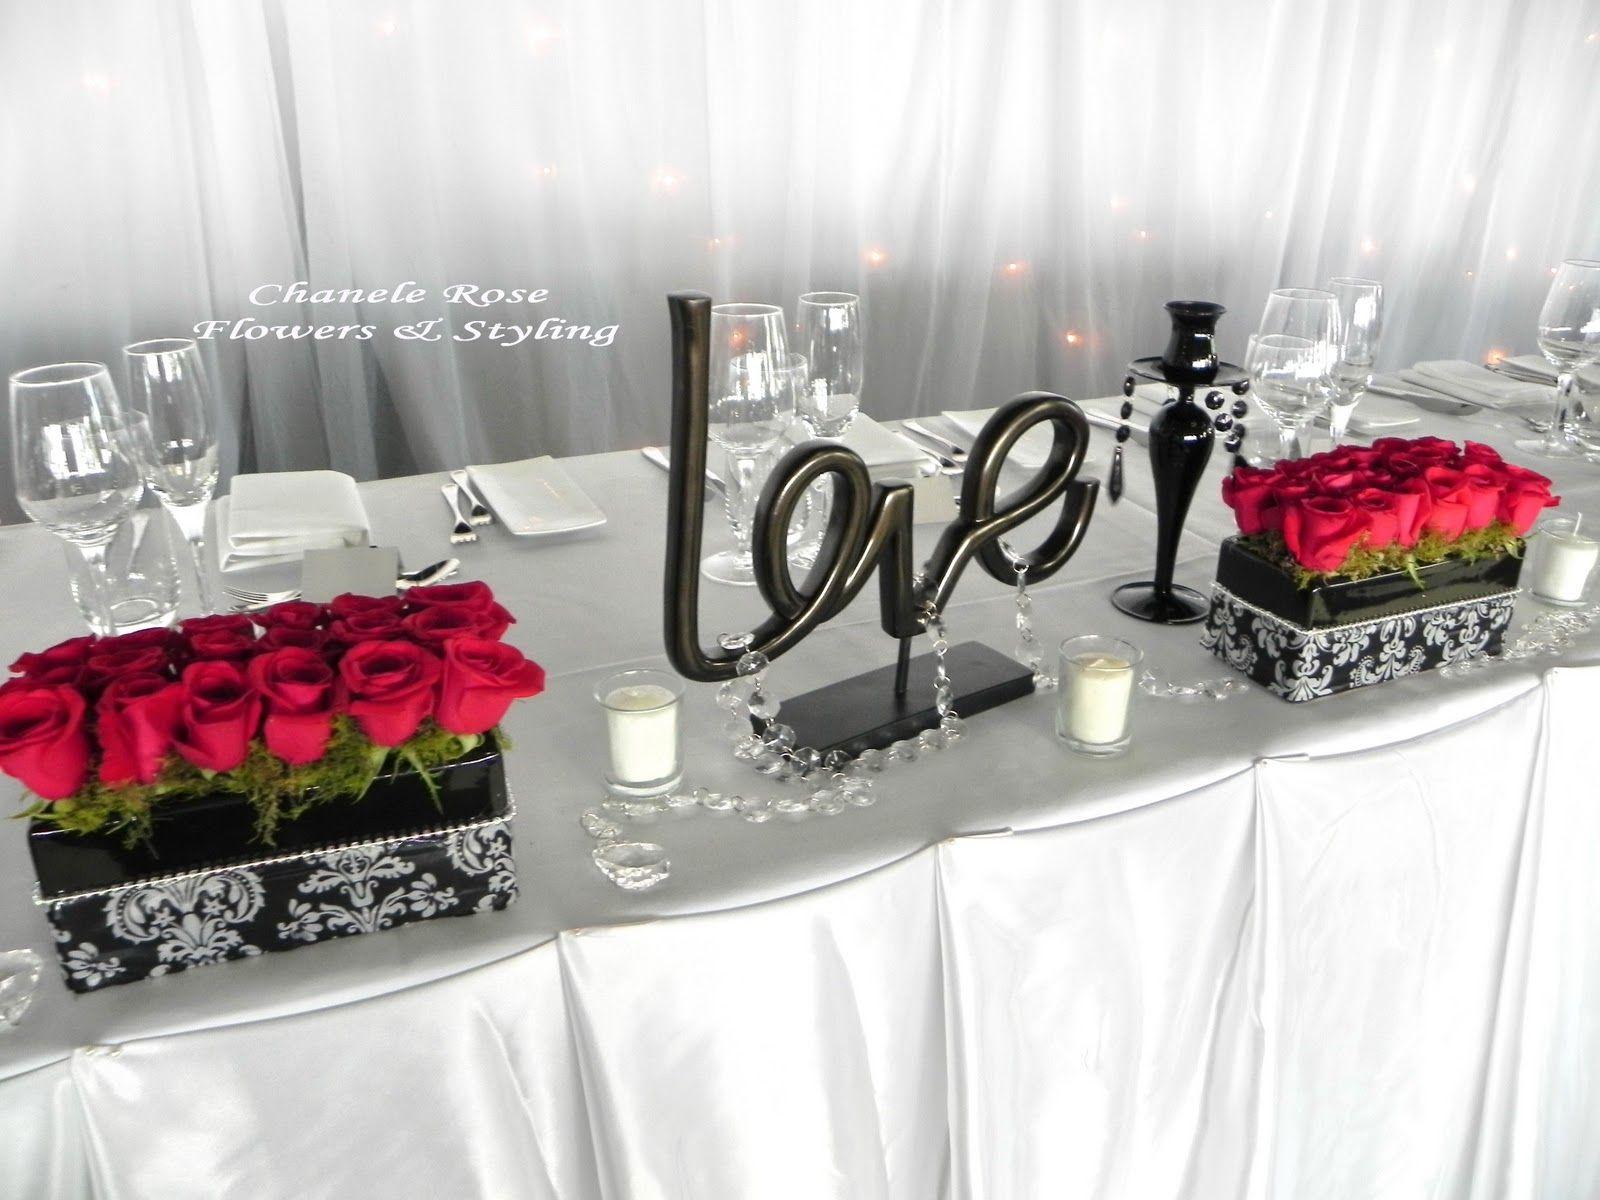 tiffany blue and black wedding decorations%0A Reference Wedding Decoration  wedding decoration ideas   Wedding ideas    Pinterest   Decoration  Weddings and Wedding